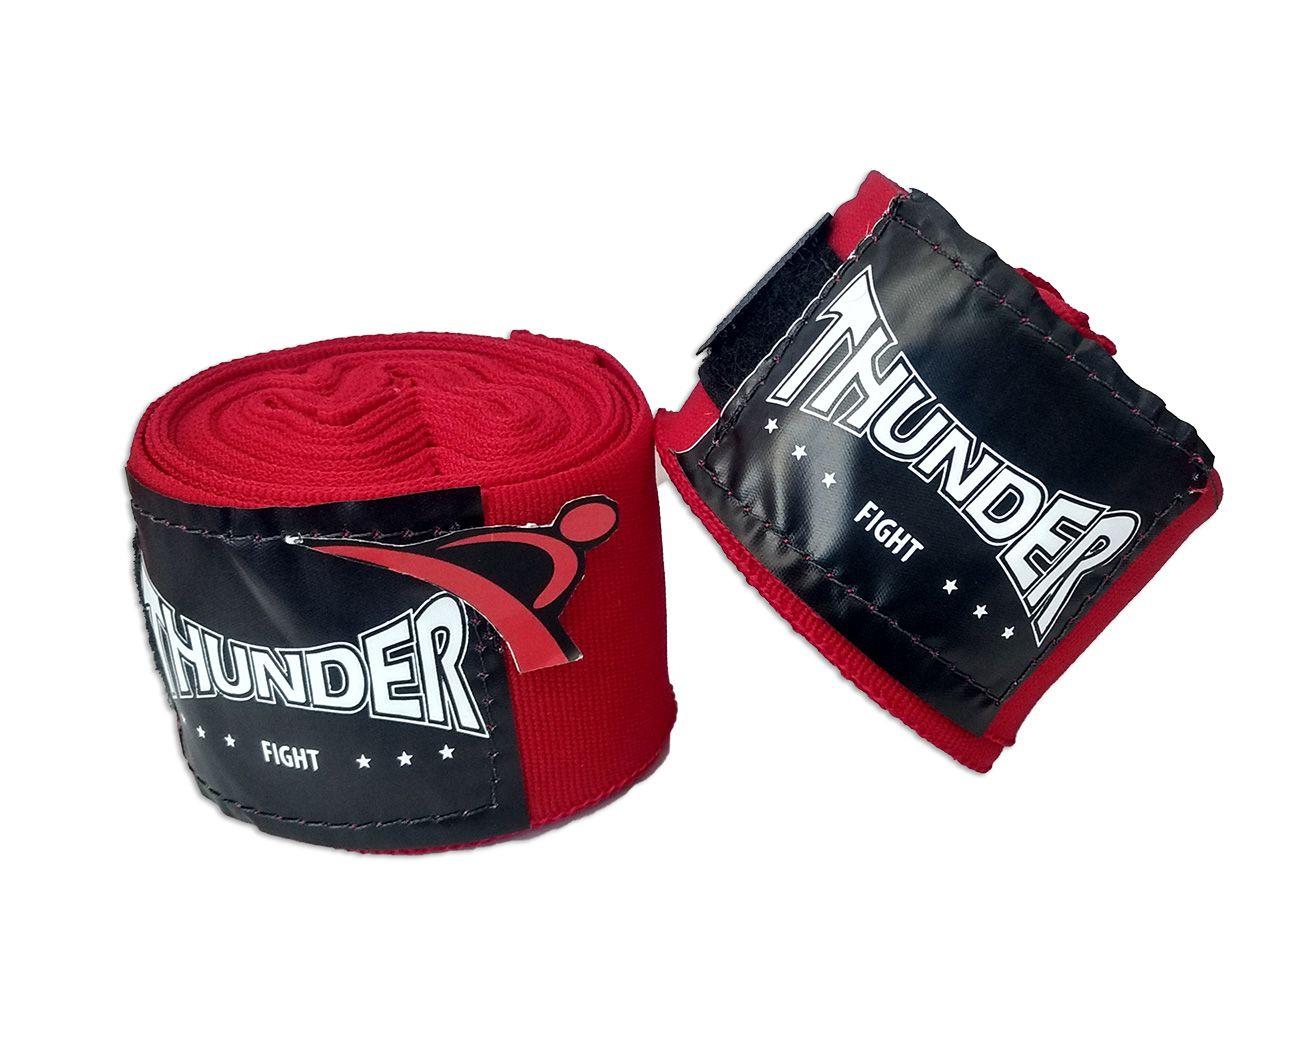 Par De Bandagem Atadura Elástica 4 Metros Muay Thai Boxe - Vermelho - Thunder Fight  - PRALUTA SHOP